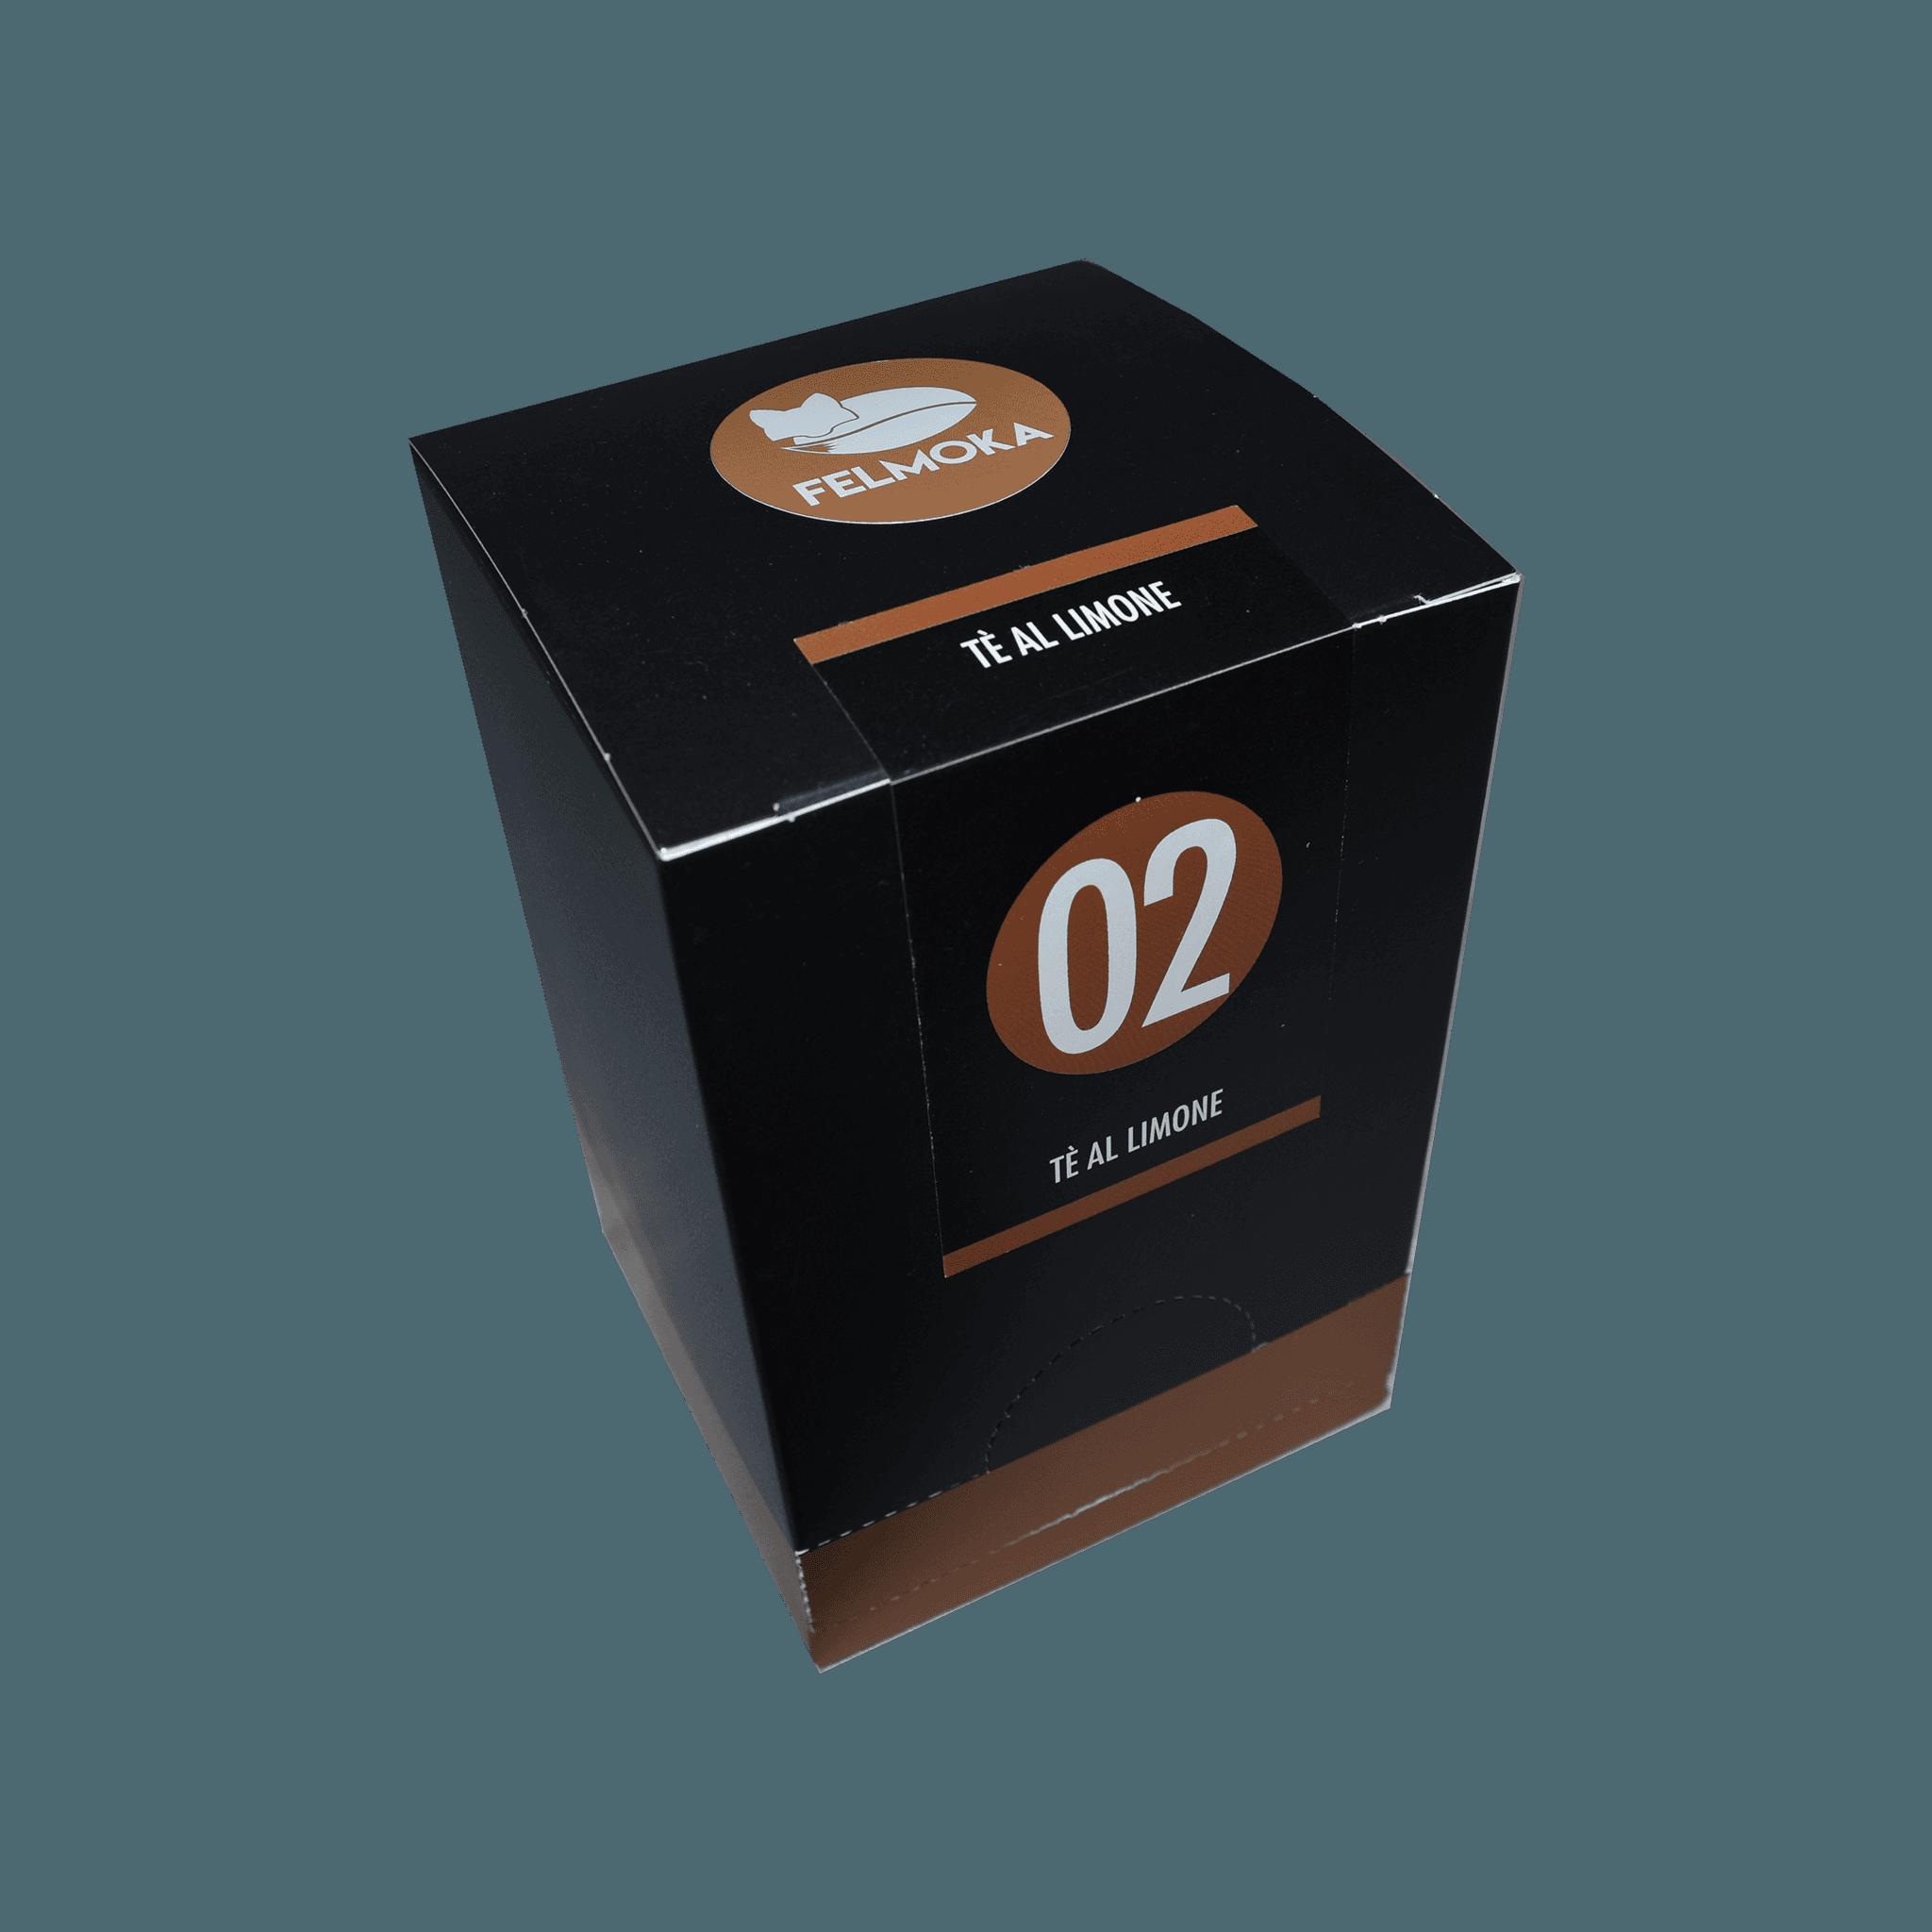 N 02 – Tè al limone